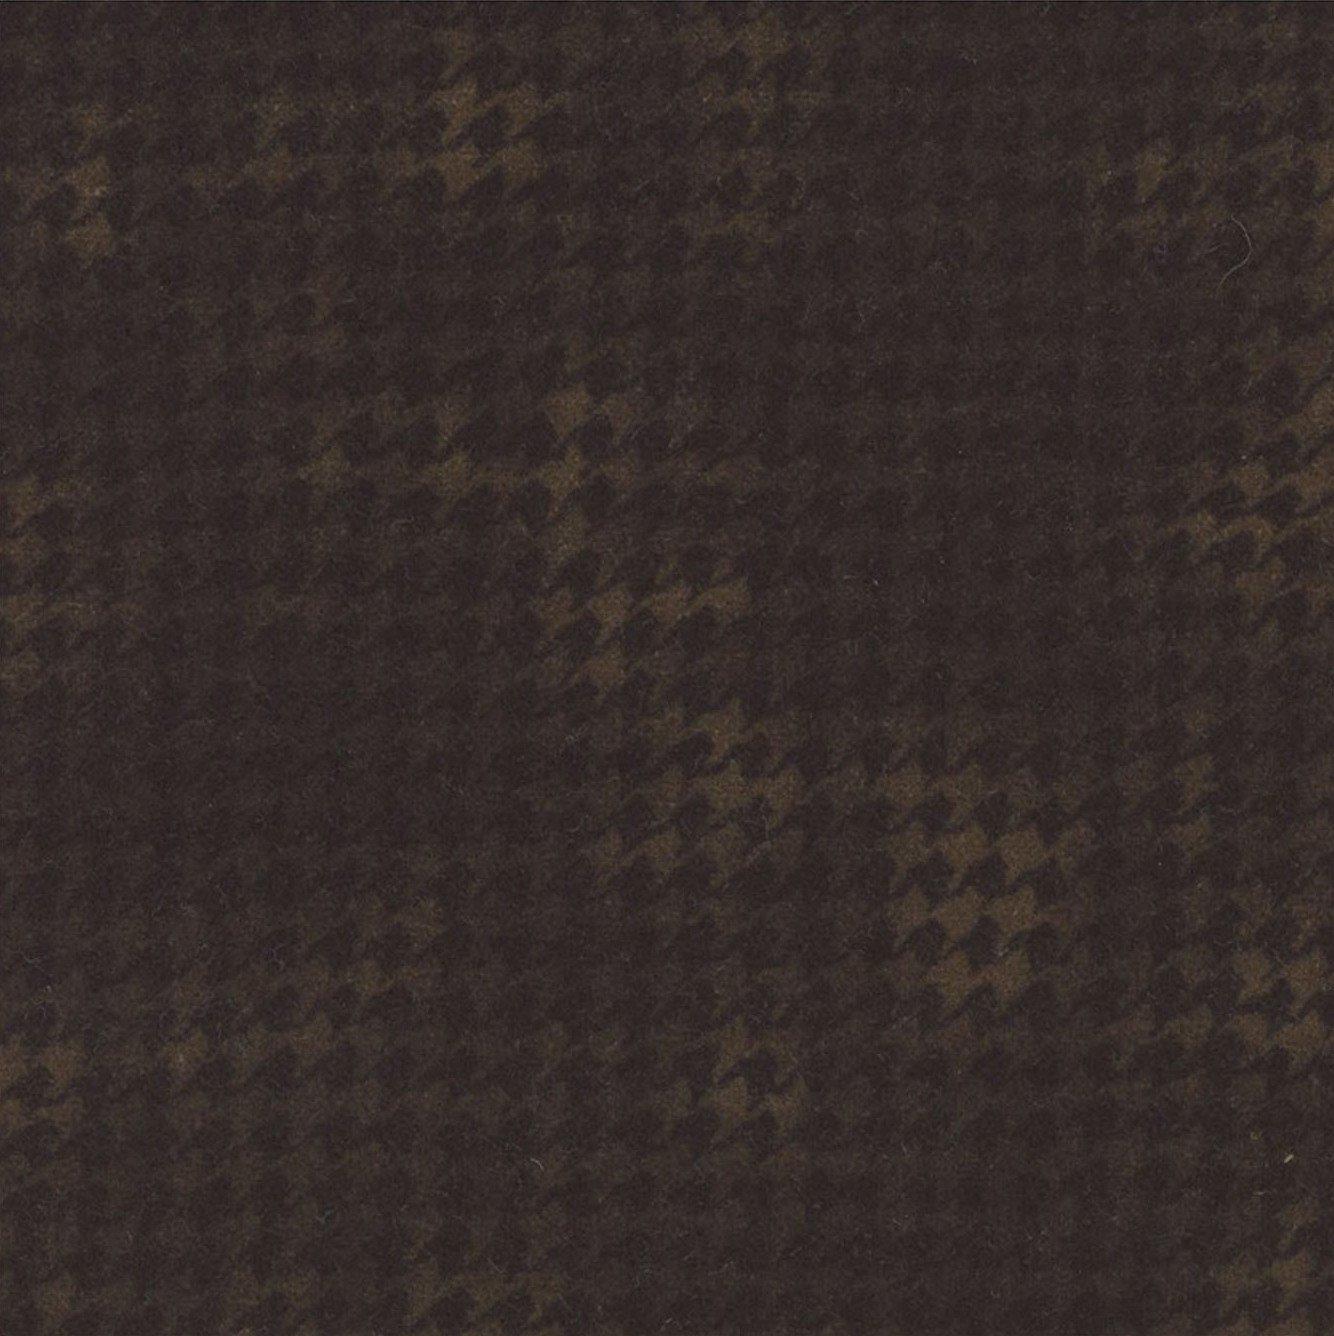 Woolies Flannel Houndstooth Black-Brown (MASF1840-J)